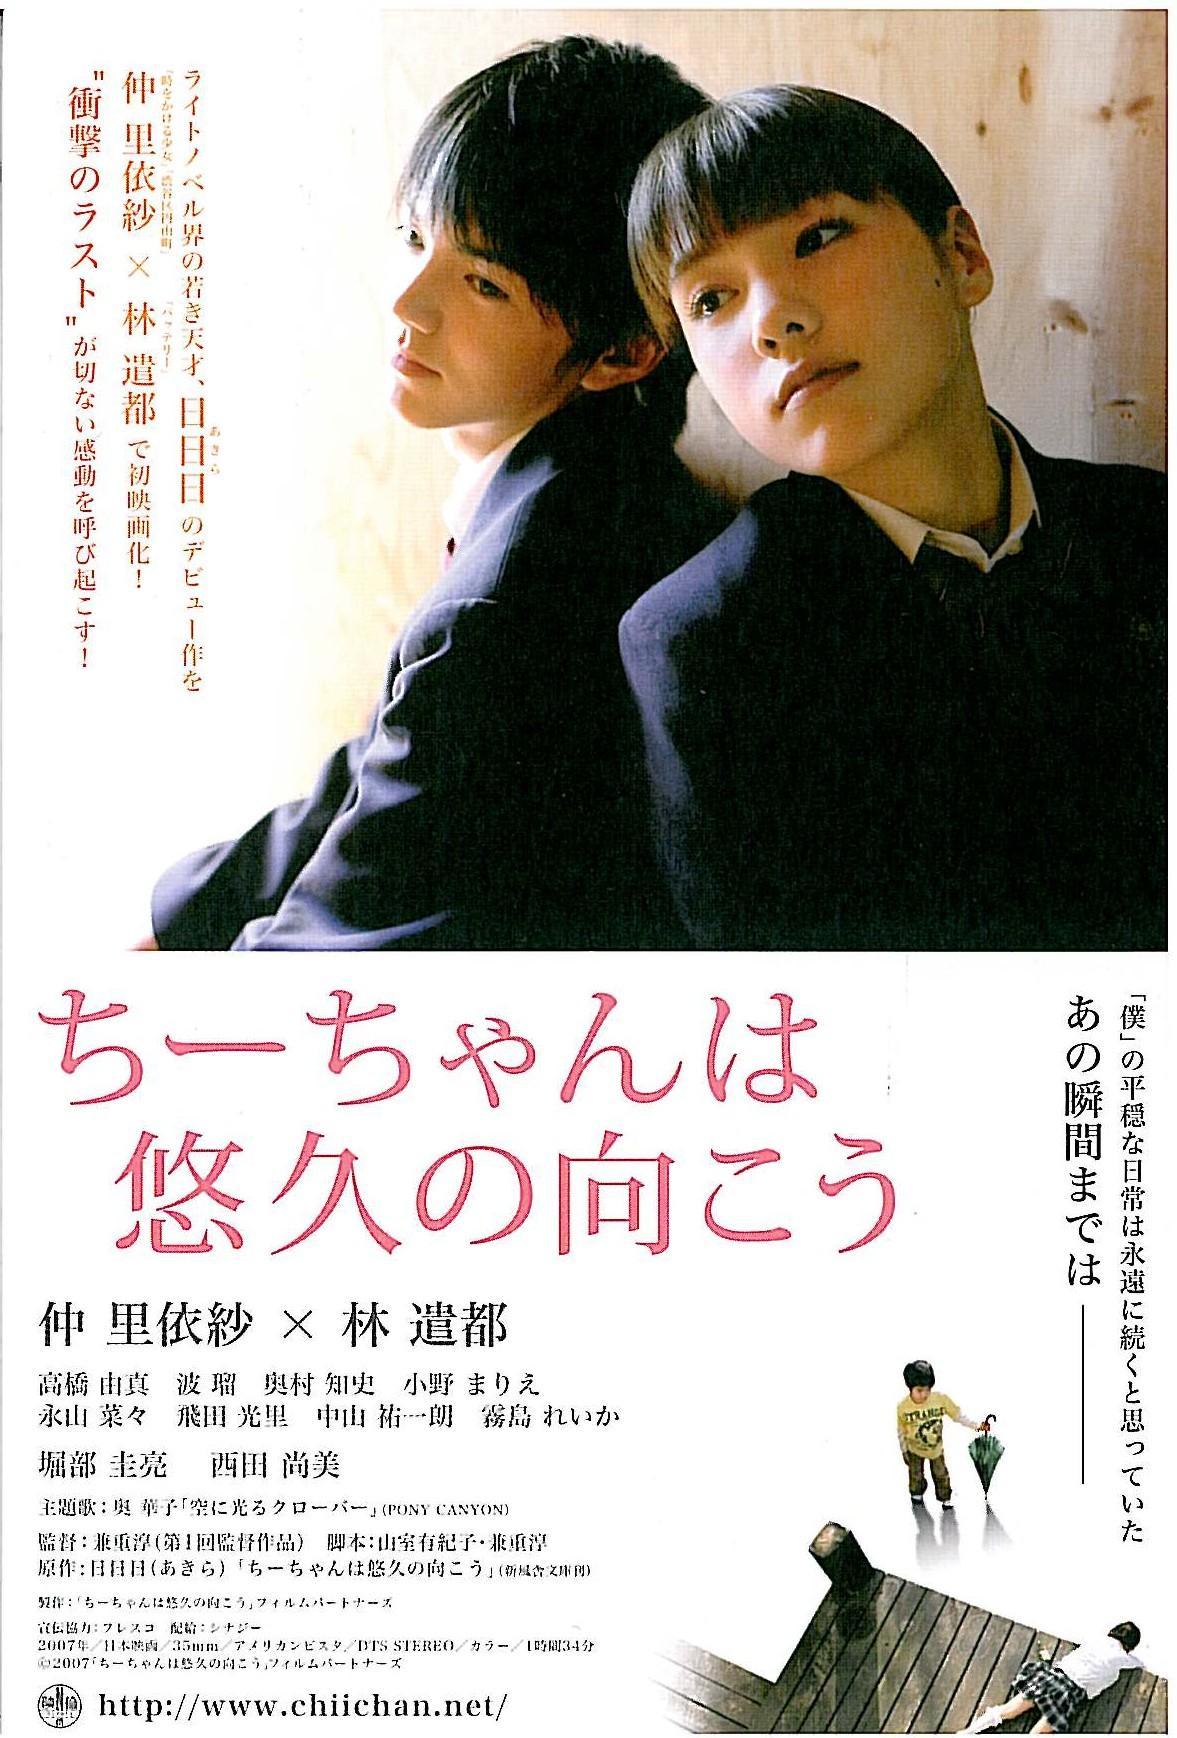 『ちーちゃんは悠久の向こう』(2007)